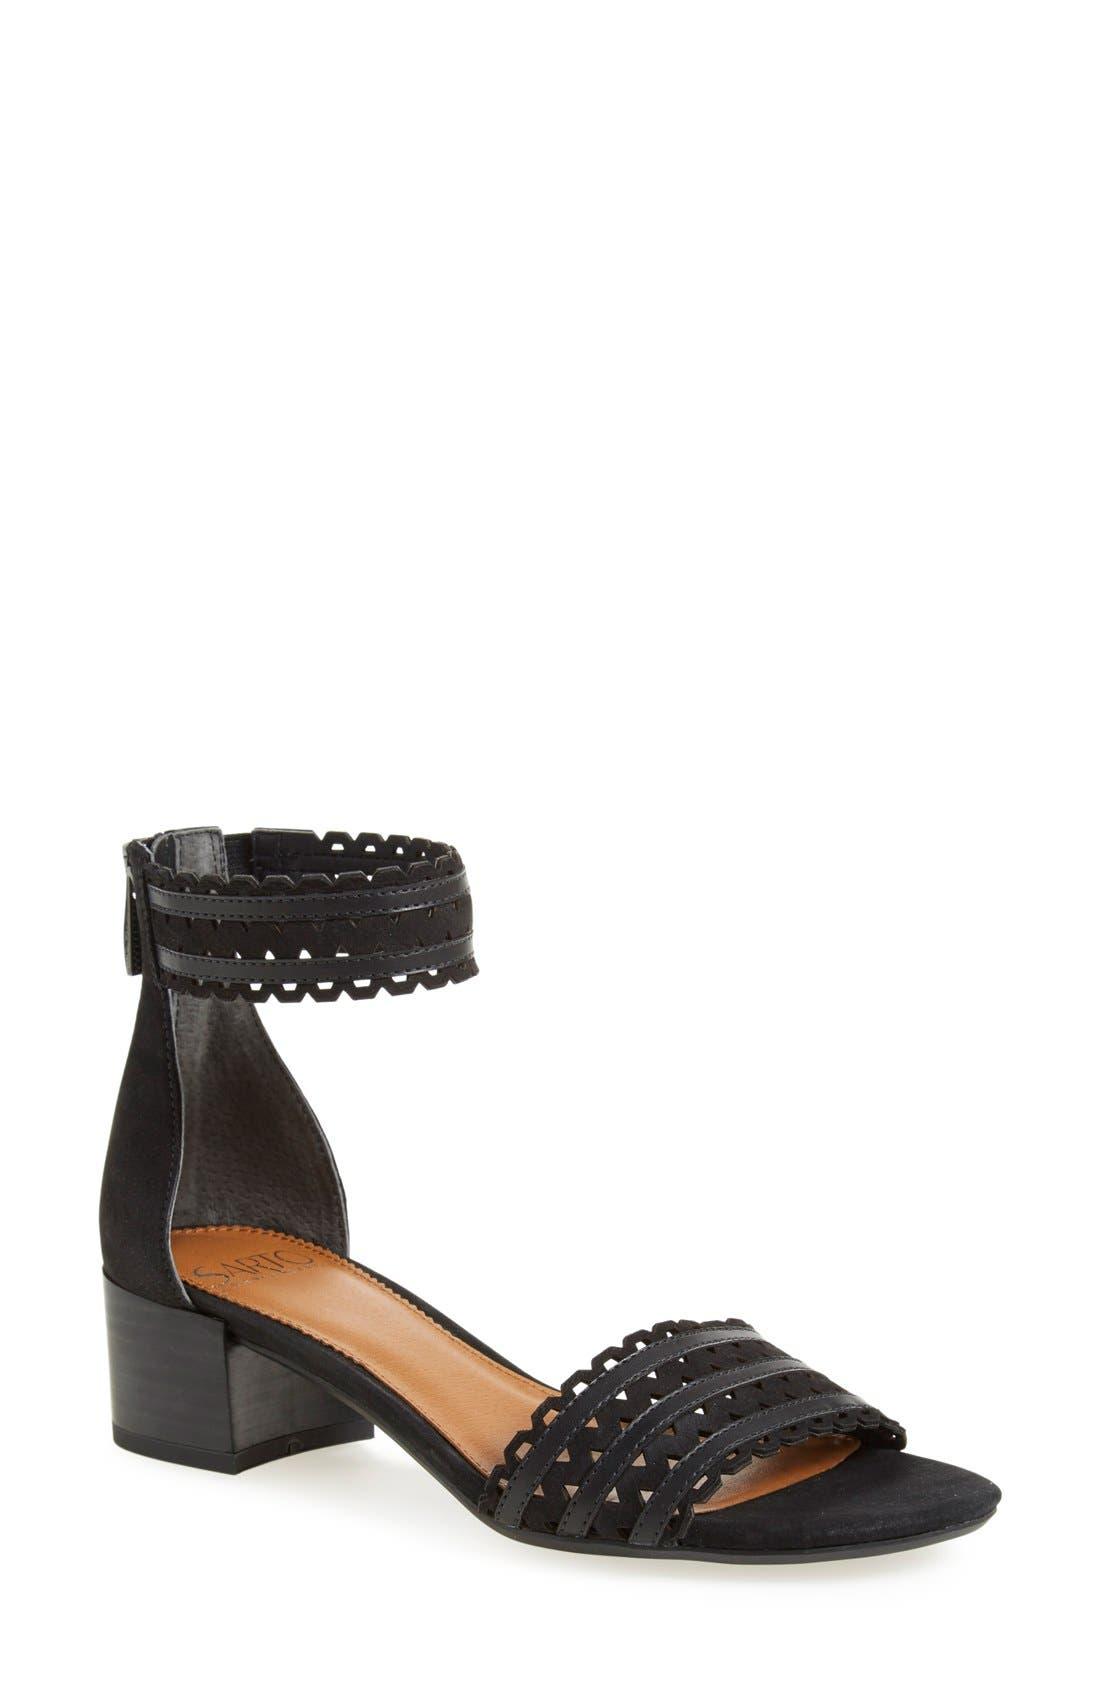 'Fidela' Block Heel Sandal,                             Main thumbnail 1, color,                             001